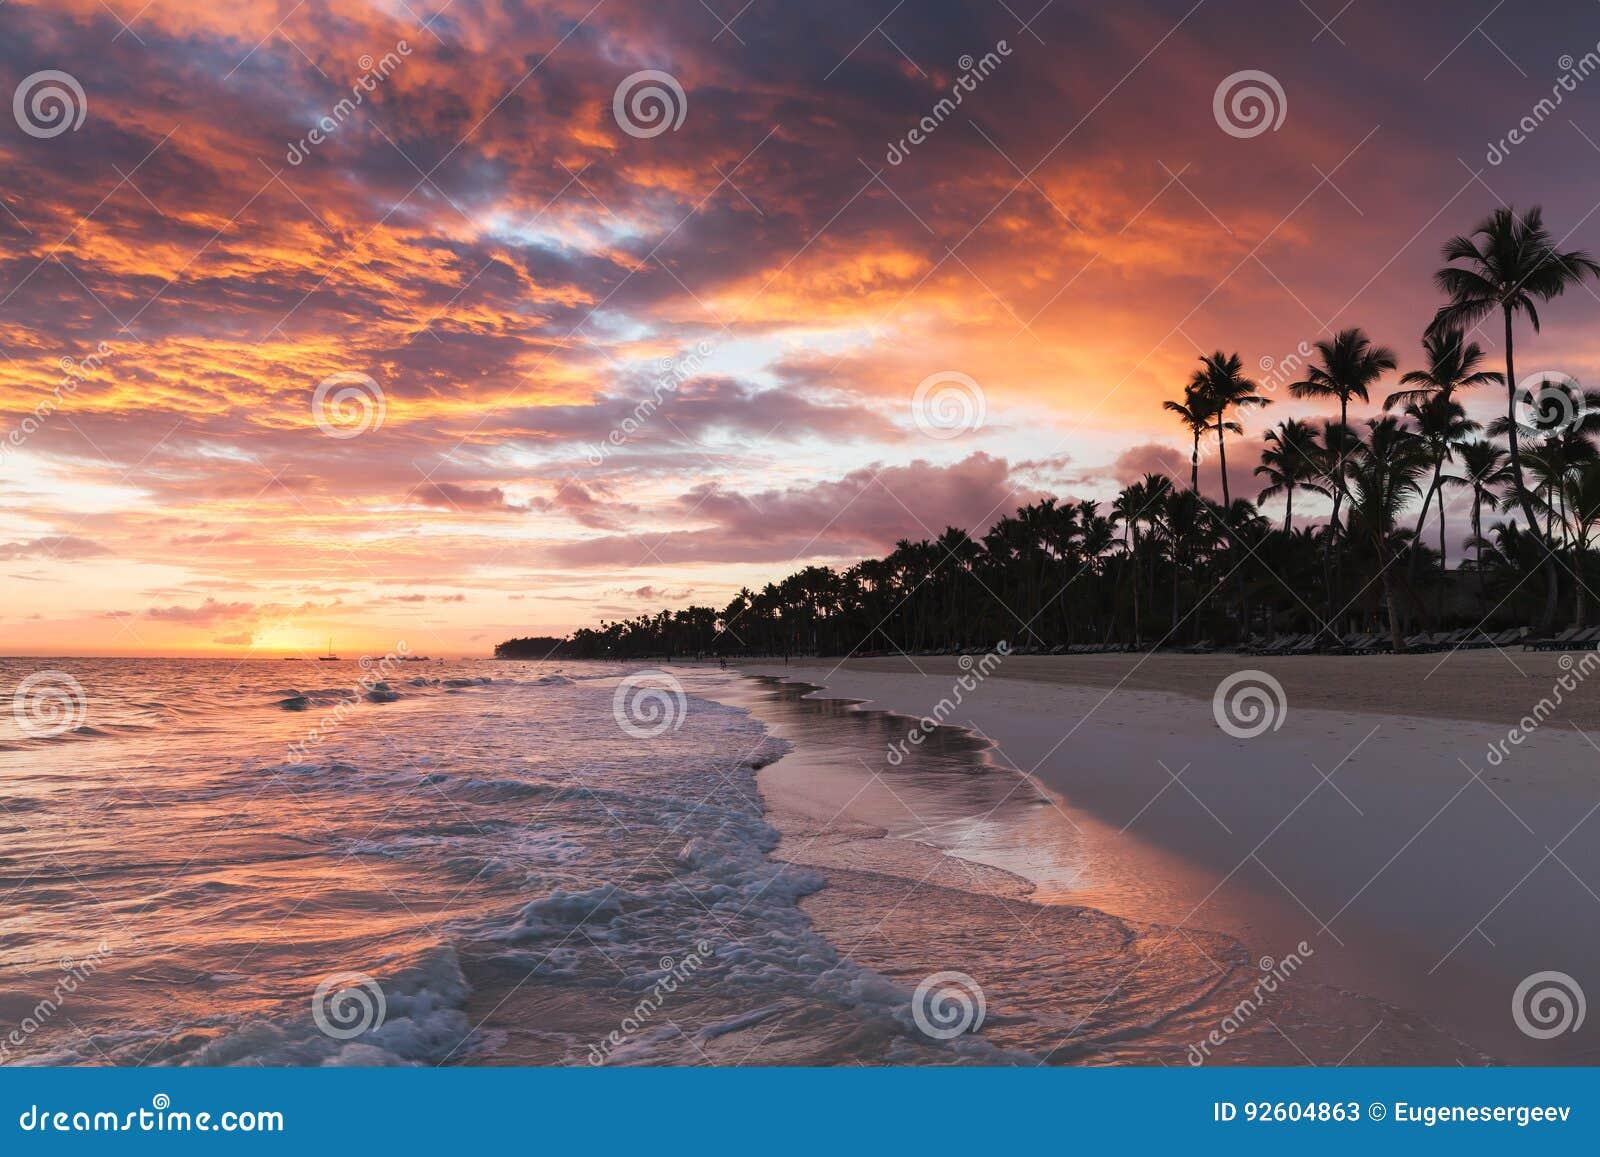 República Dominicana, paisagem litoral